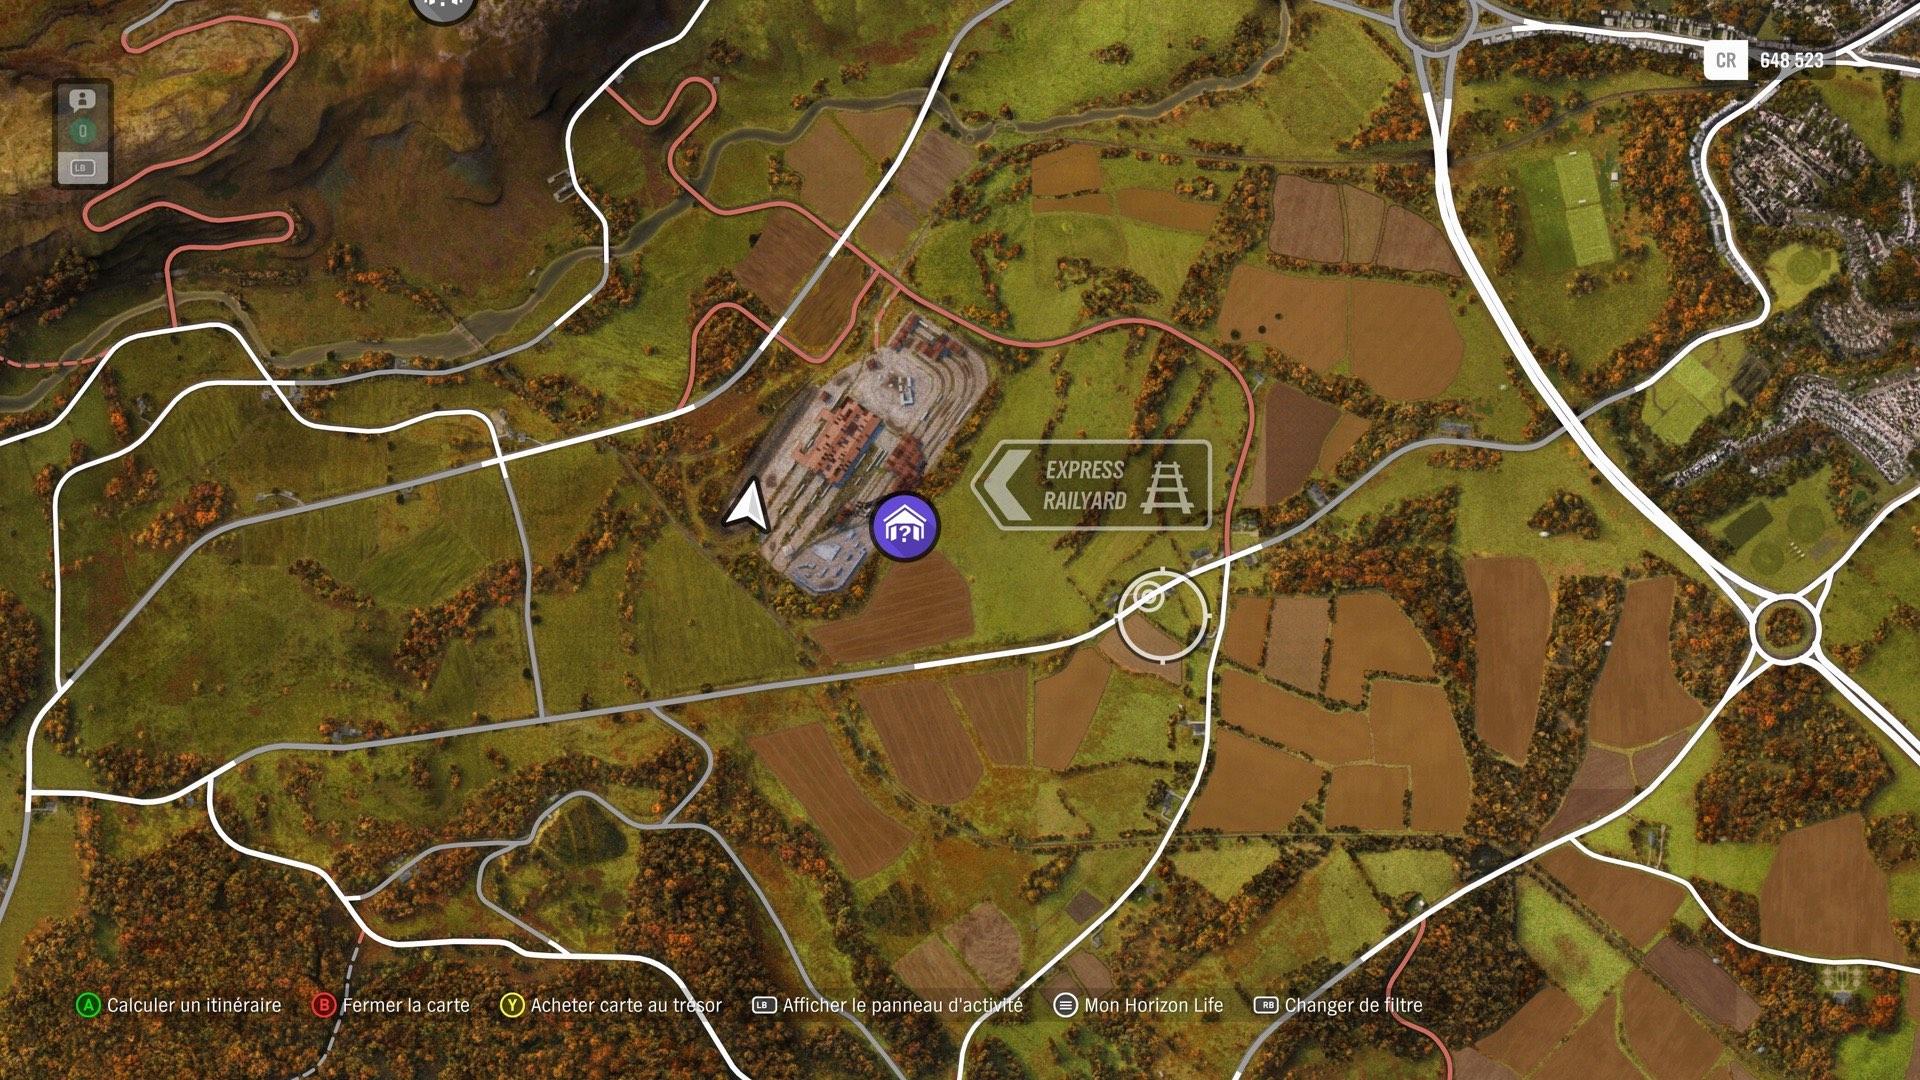 Forza Horizon 4 Notre Guide Pour Trouver Les 15 Tresors De Grange